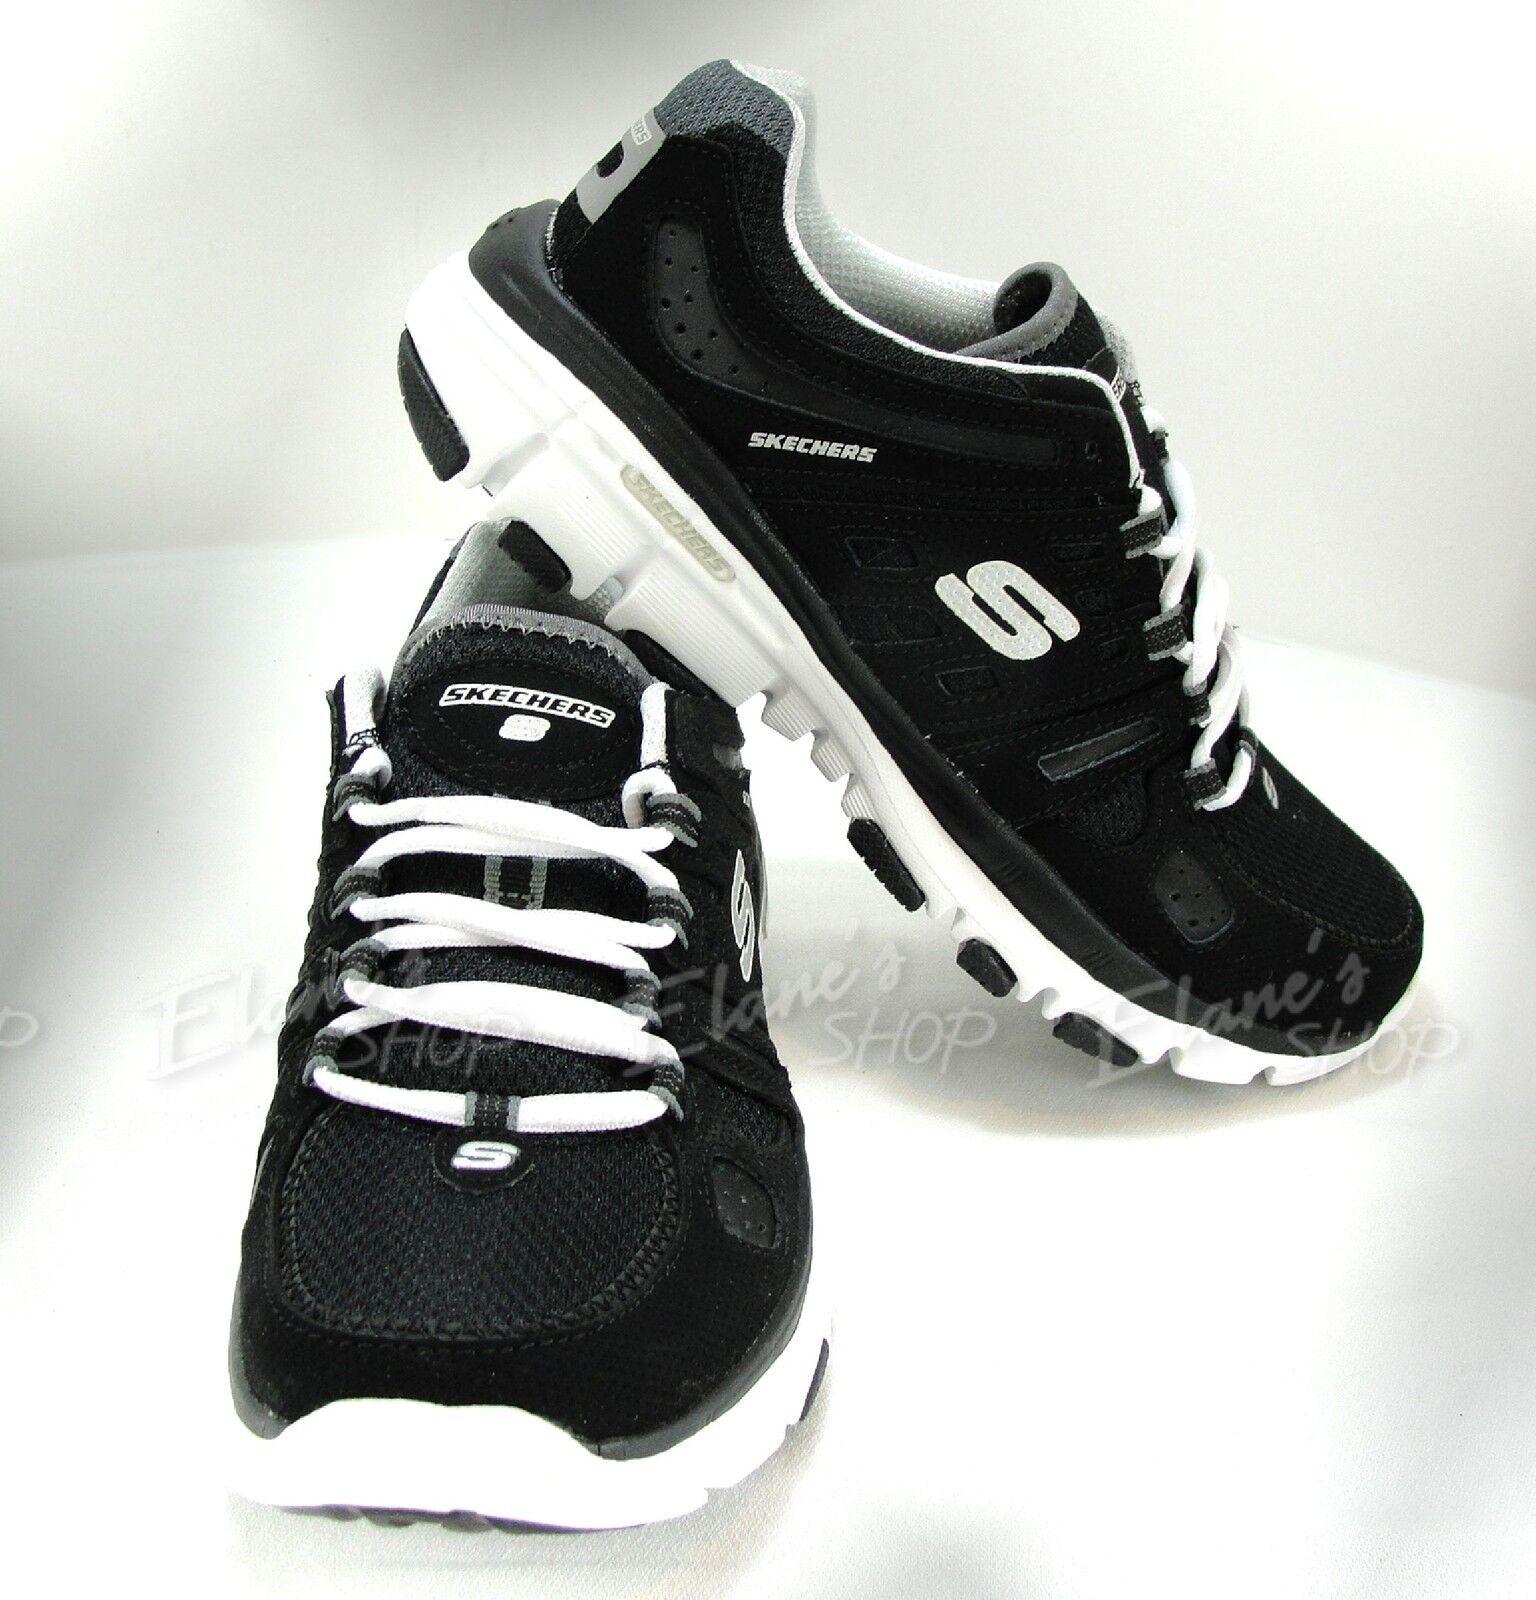 Femmes Skechers 11624R FMB Dalton  BRAVO Photo finition Baskets chaussures noir blanc Nouveau